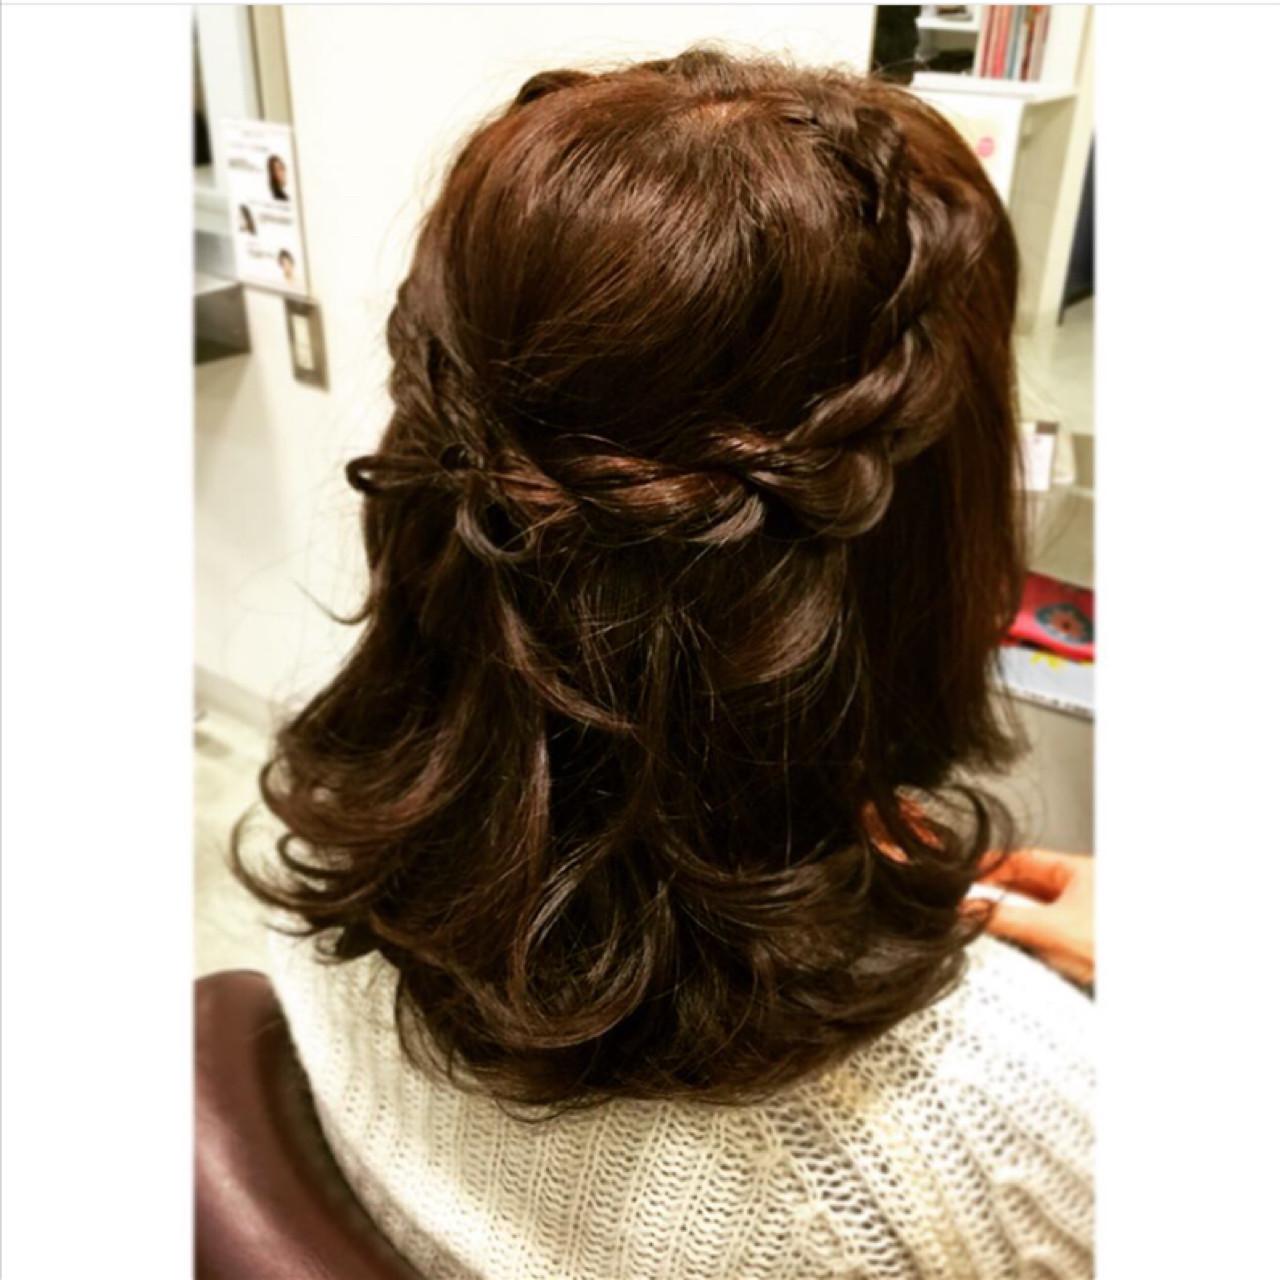 ミディアム ゆるふわ フェミニン ショート ヘアスタイルや髪型の写真・画像